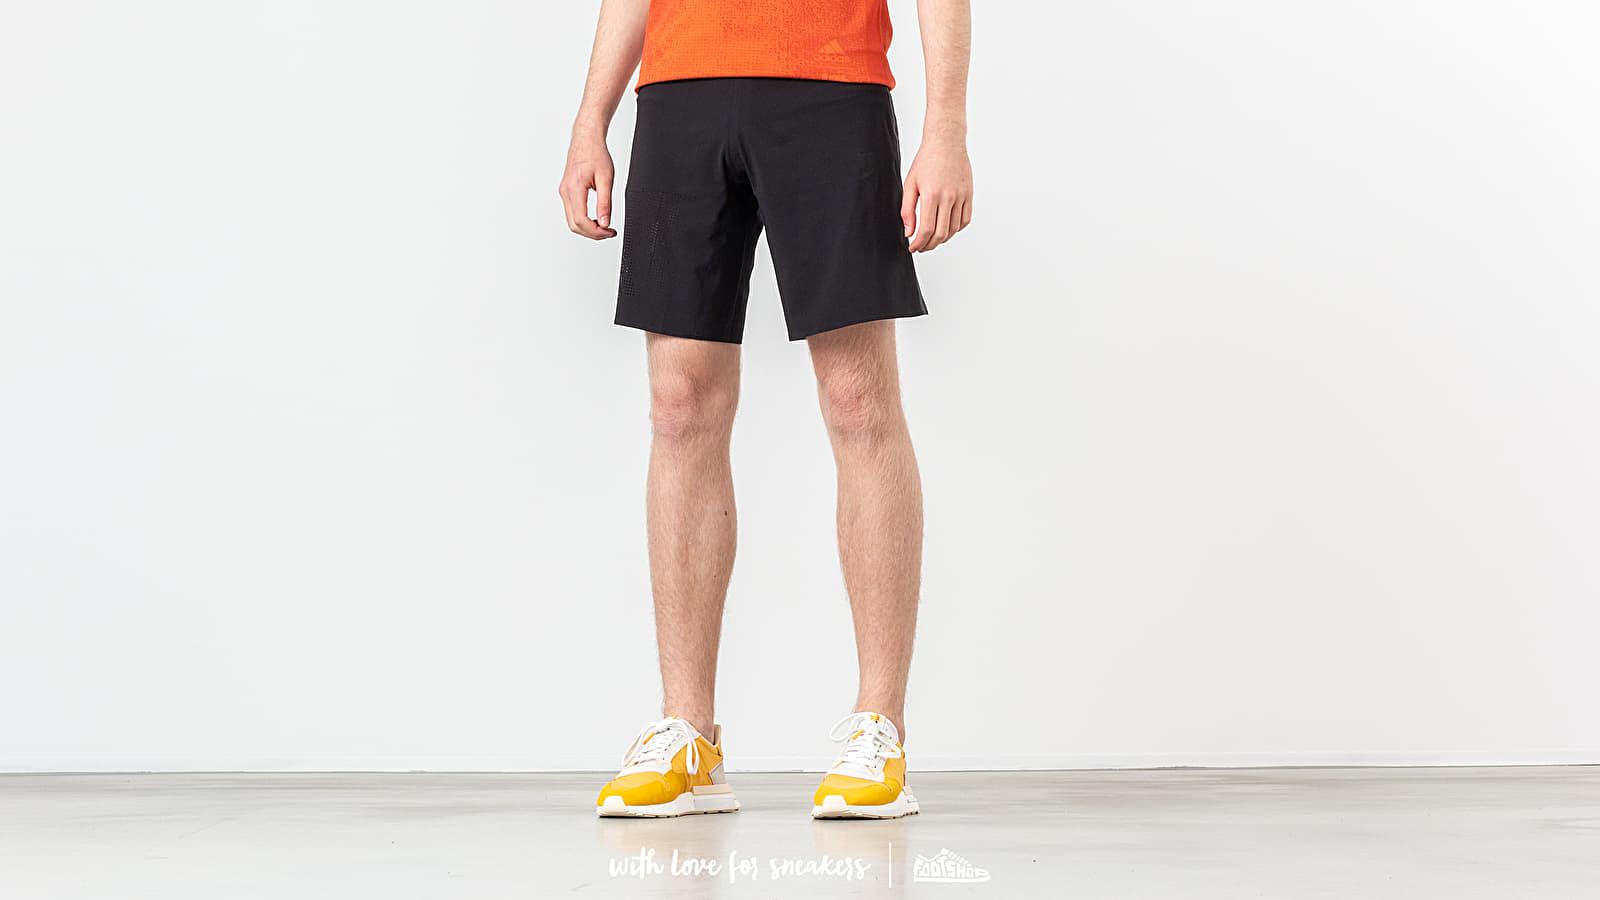 adidas x Undefeated Gym Shorts Black nagyszerű árakon 31 362 Ft vásárolj a Footshopban